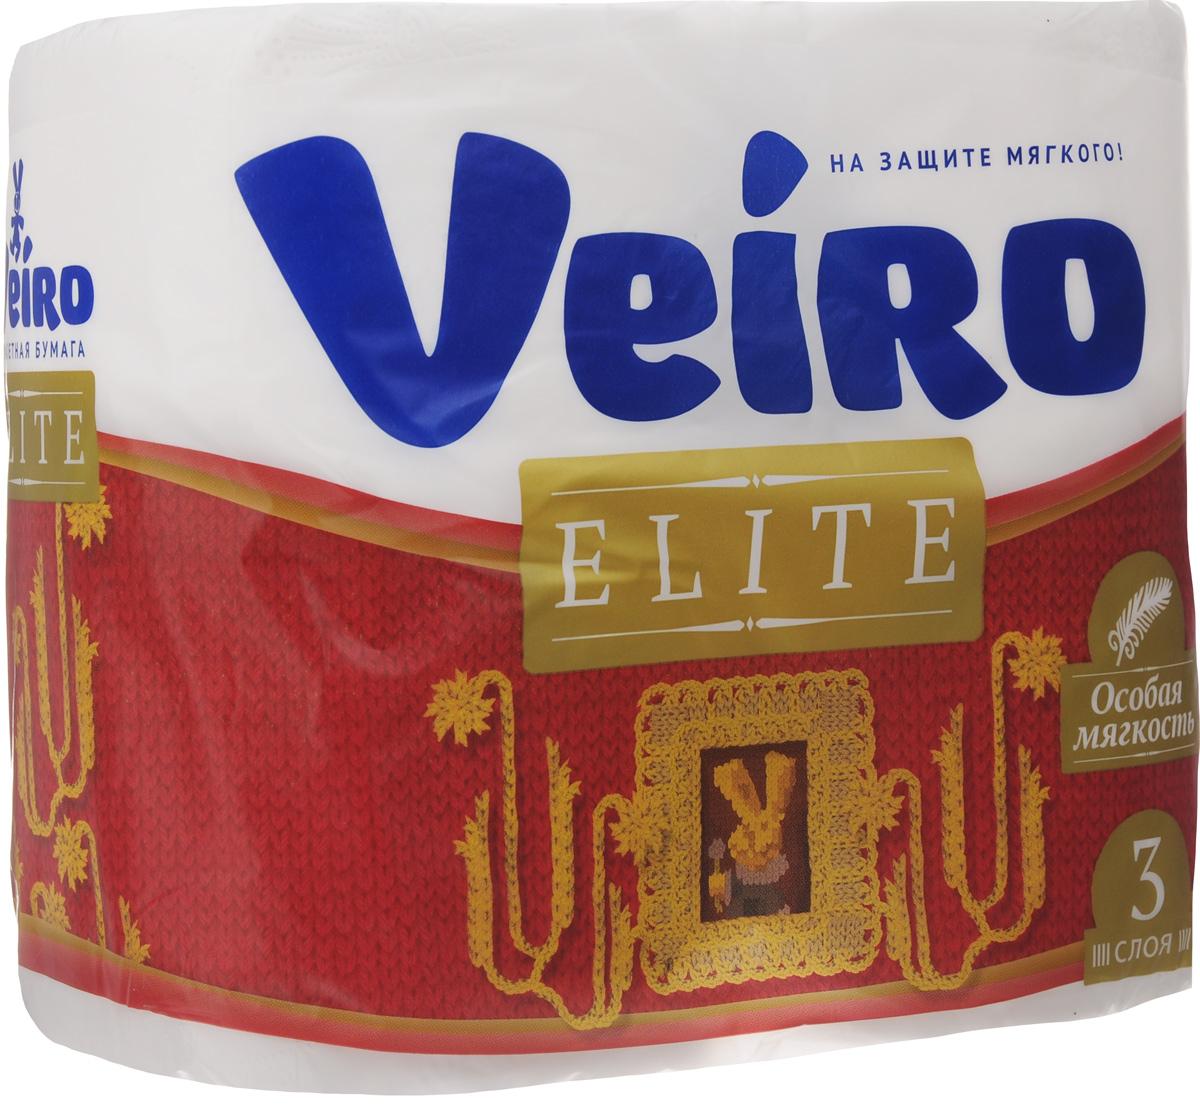 Бумага туалетная Veiro Elite, трехслойная, 4 рулона391602Туалетная бумага Veiro Elite, выполненная из натуральной целлюлозы, обеспечивает превосходный комфорт и ощущение чистоты и свежести. Необыкновенно мягкая, но в тоже время прочная, бумага не расслаивается и отрывается строго по линии перфорации, не вызывает аллергии и раздражения. Трехслойные листы имеют рисунок с перфорацией.Количество слоев: 3. Размер листа: 12,5 х 9,5 см. Длина намотки: 20 м. Состав: 100% целлюлоза.